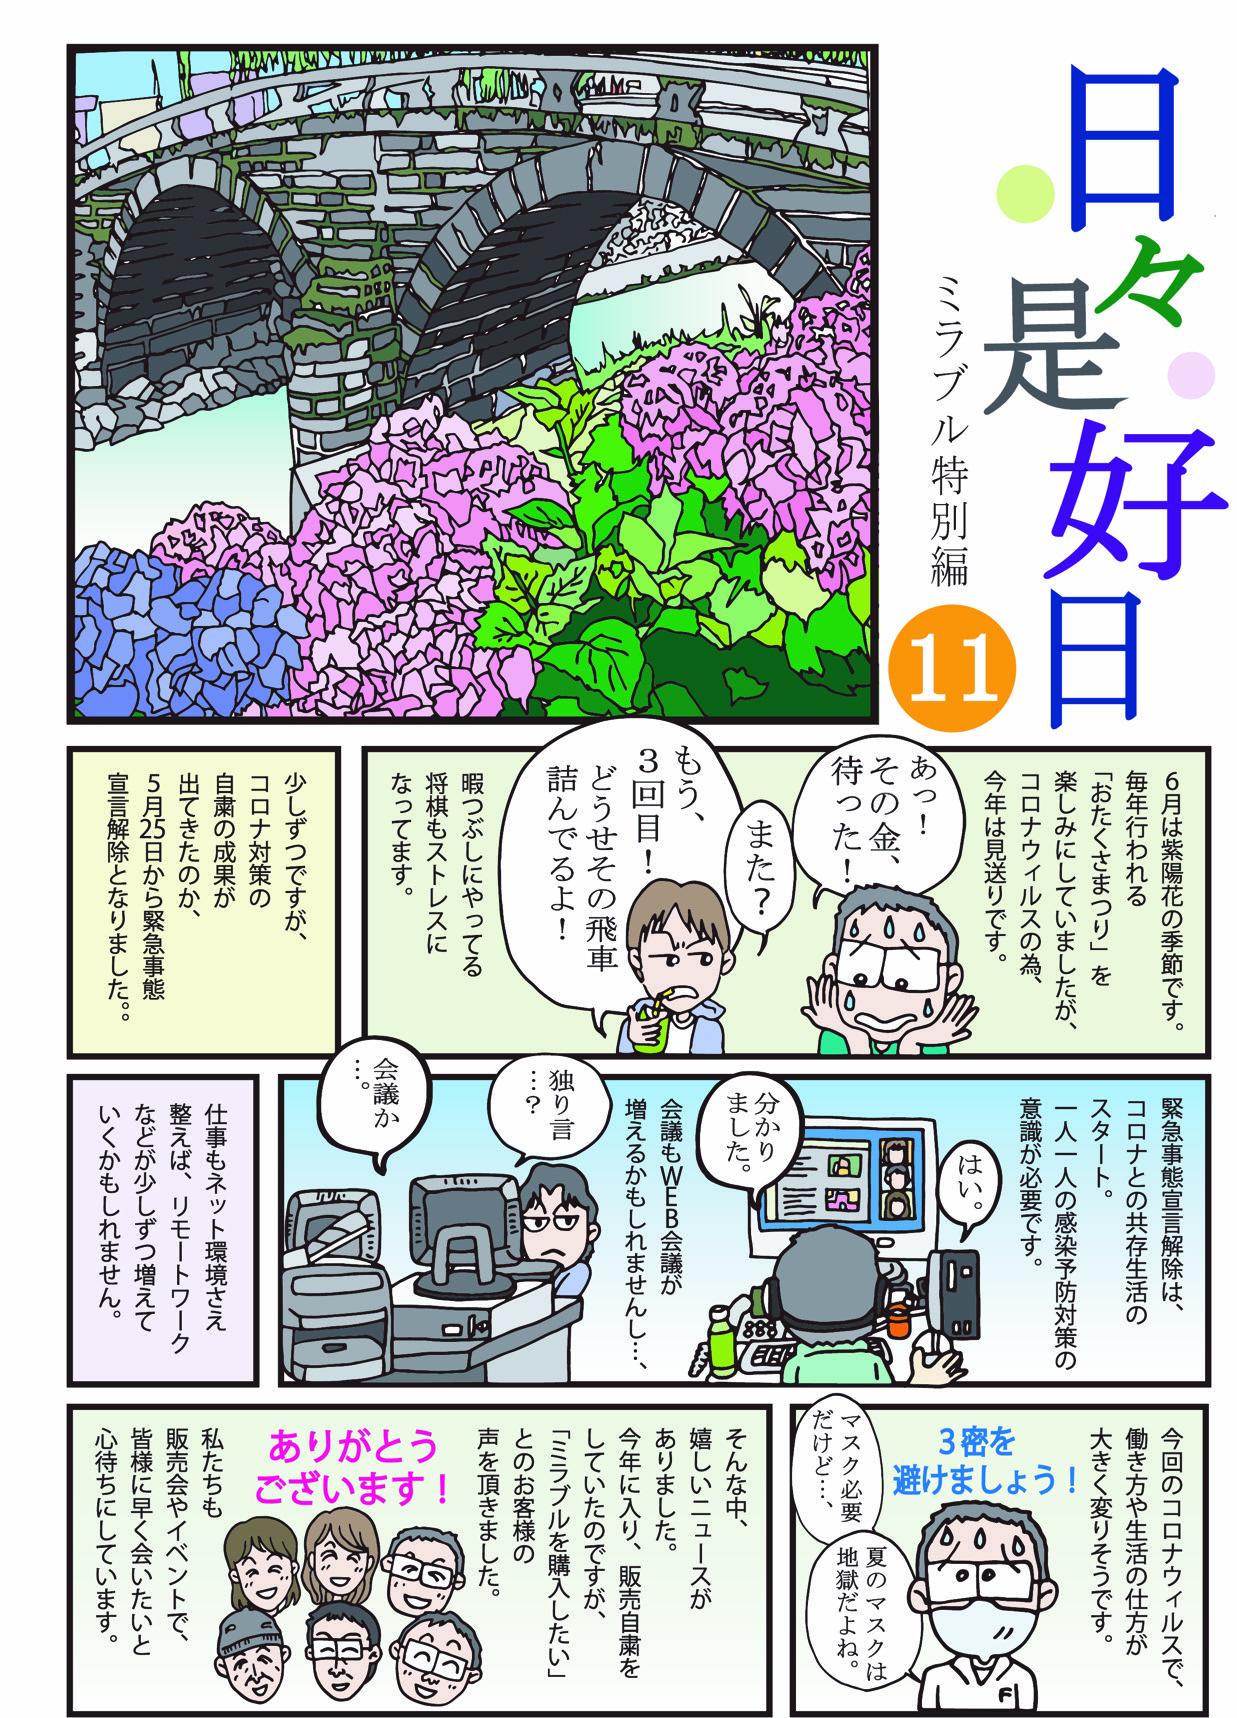 ミラブル企画新漫画「日々是好日10」